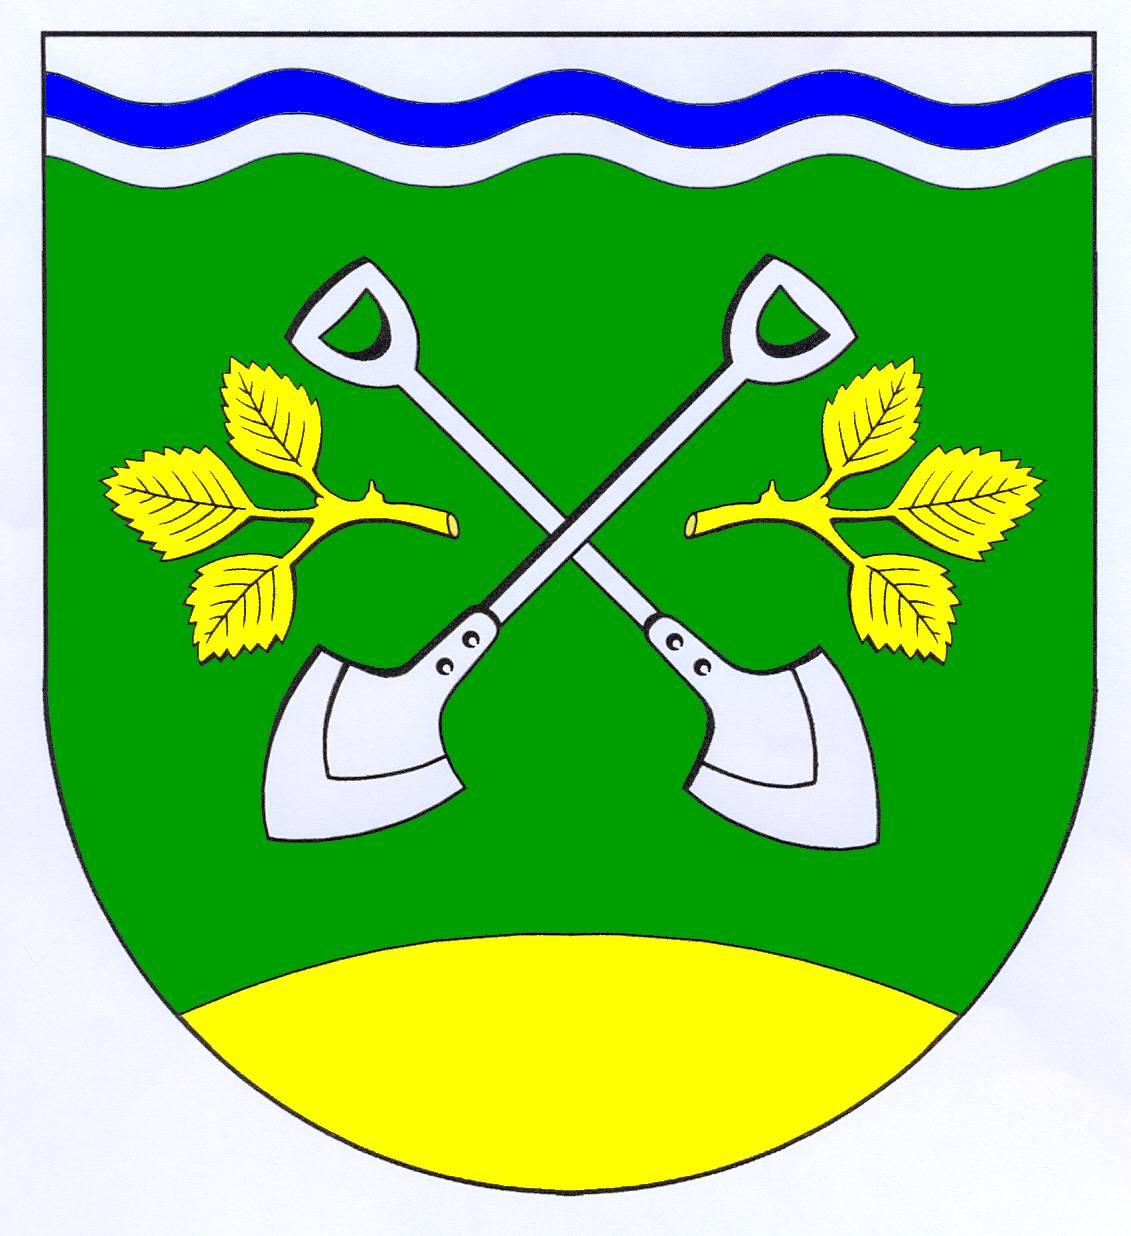 Wappen GemeindeWestermoor, Kreis Steinburg